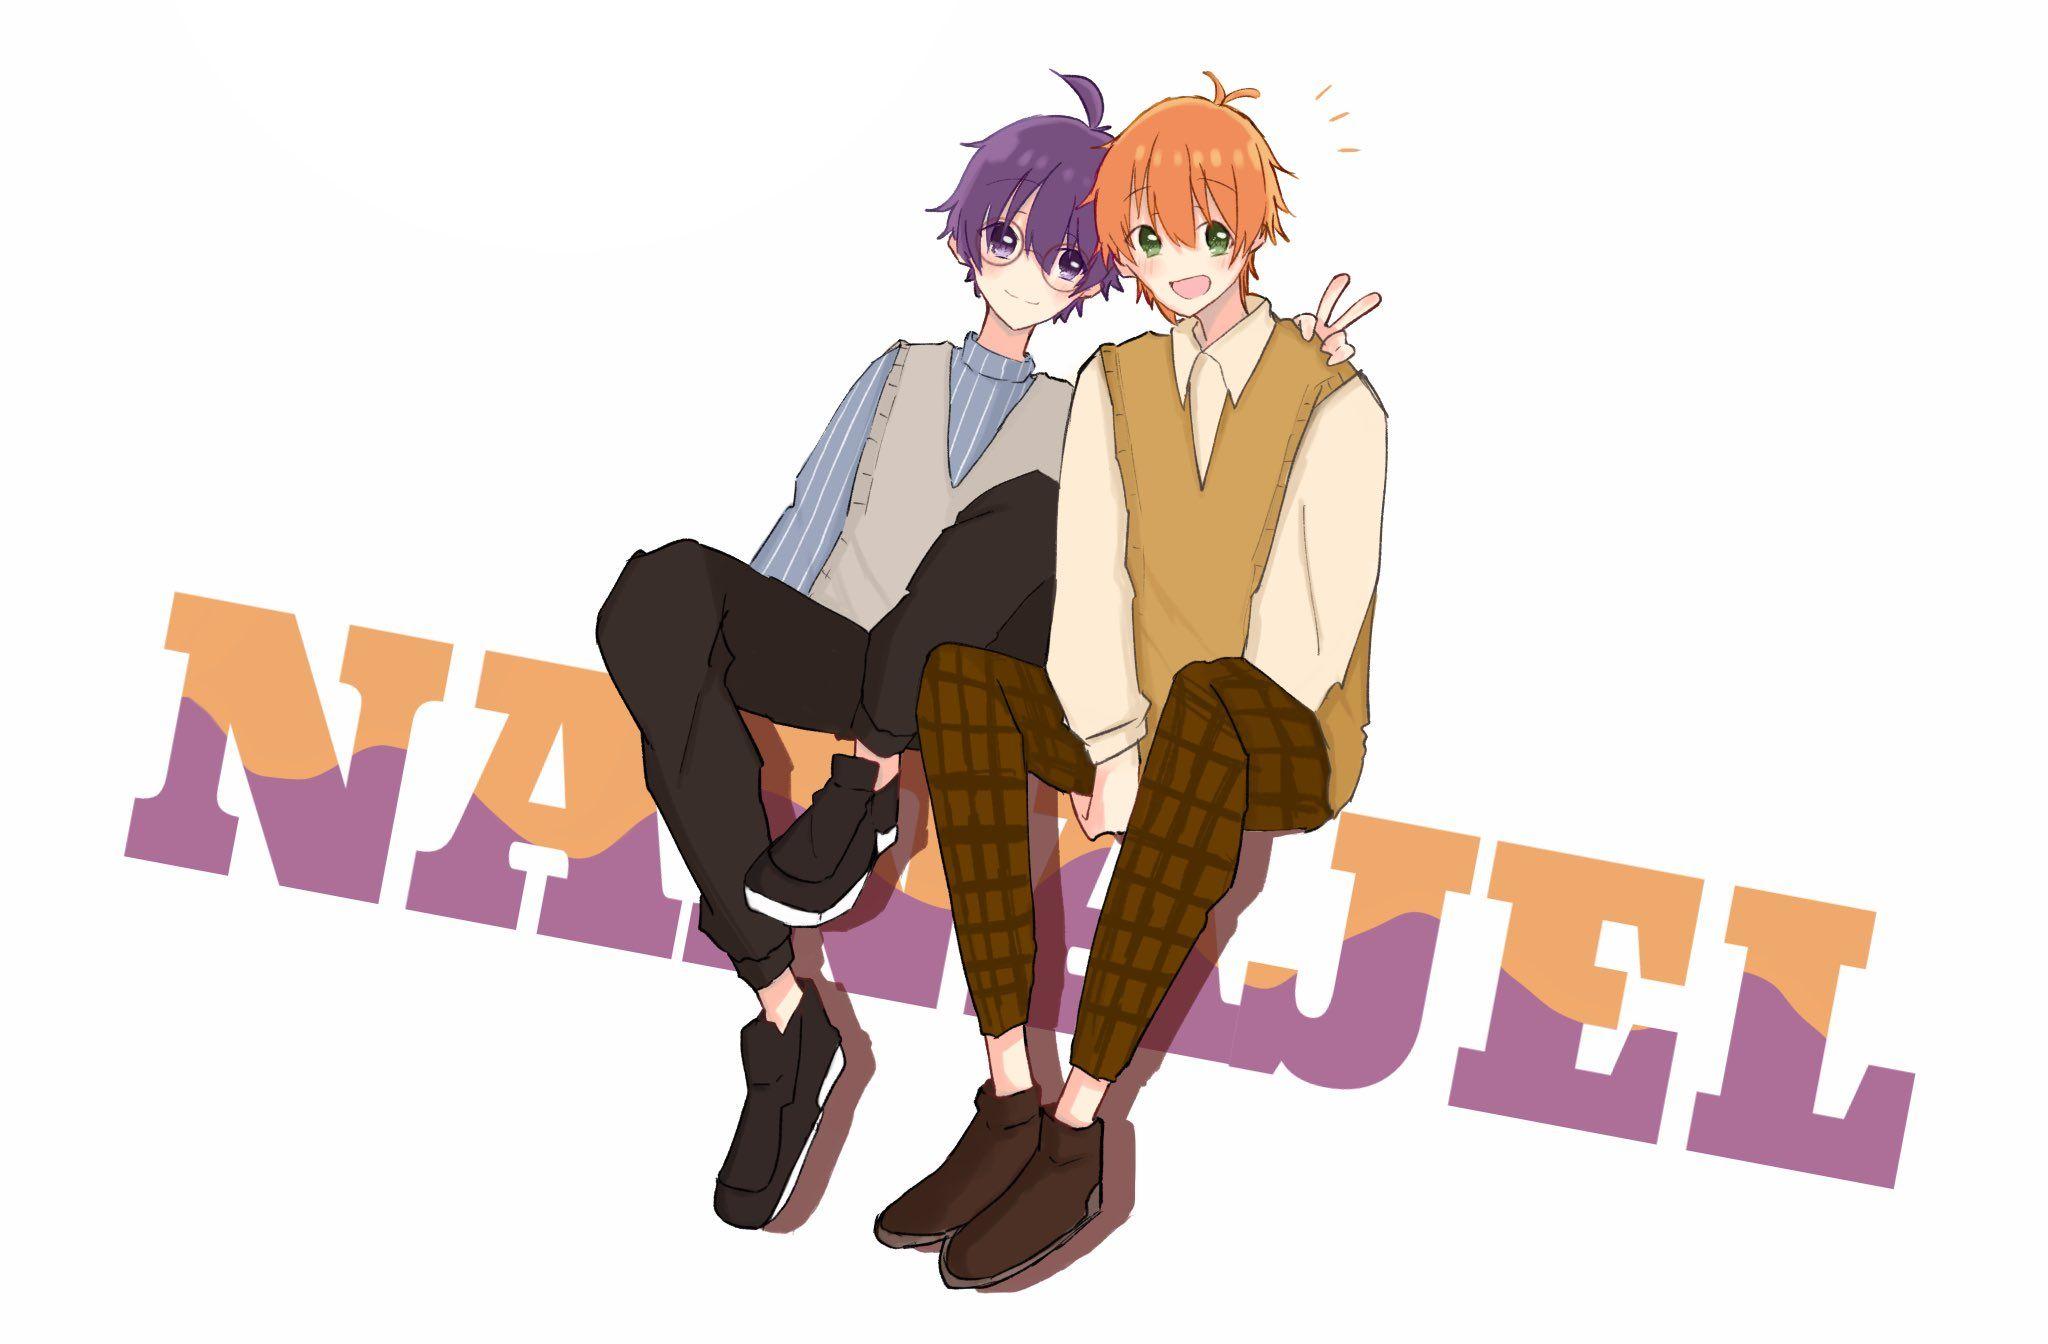 こう on twitter kawaii anime anime anime guys